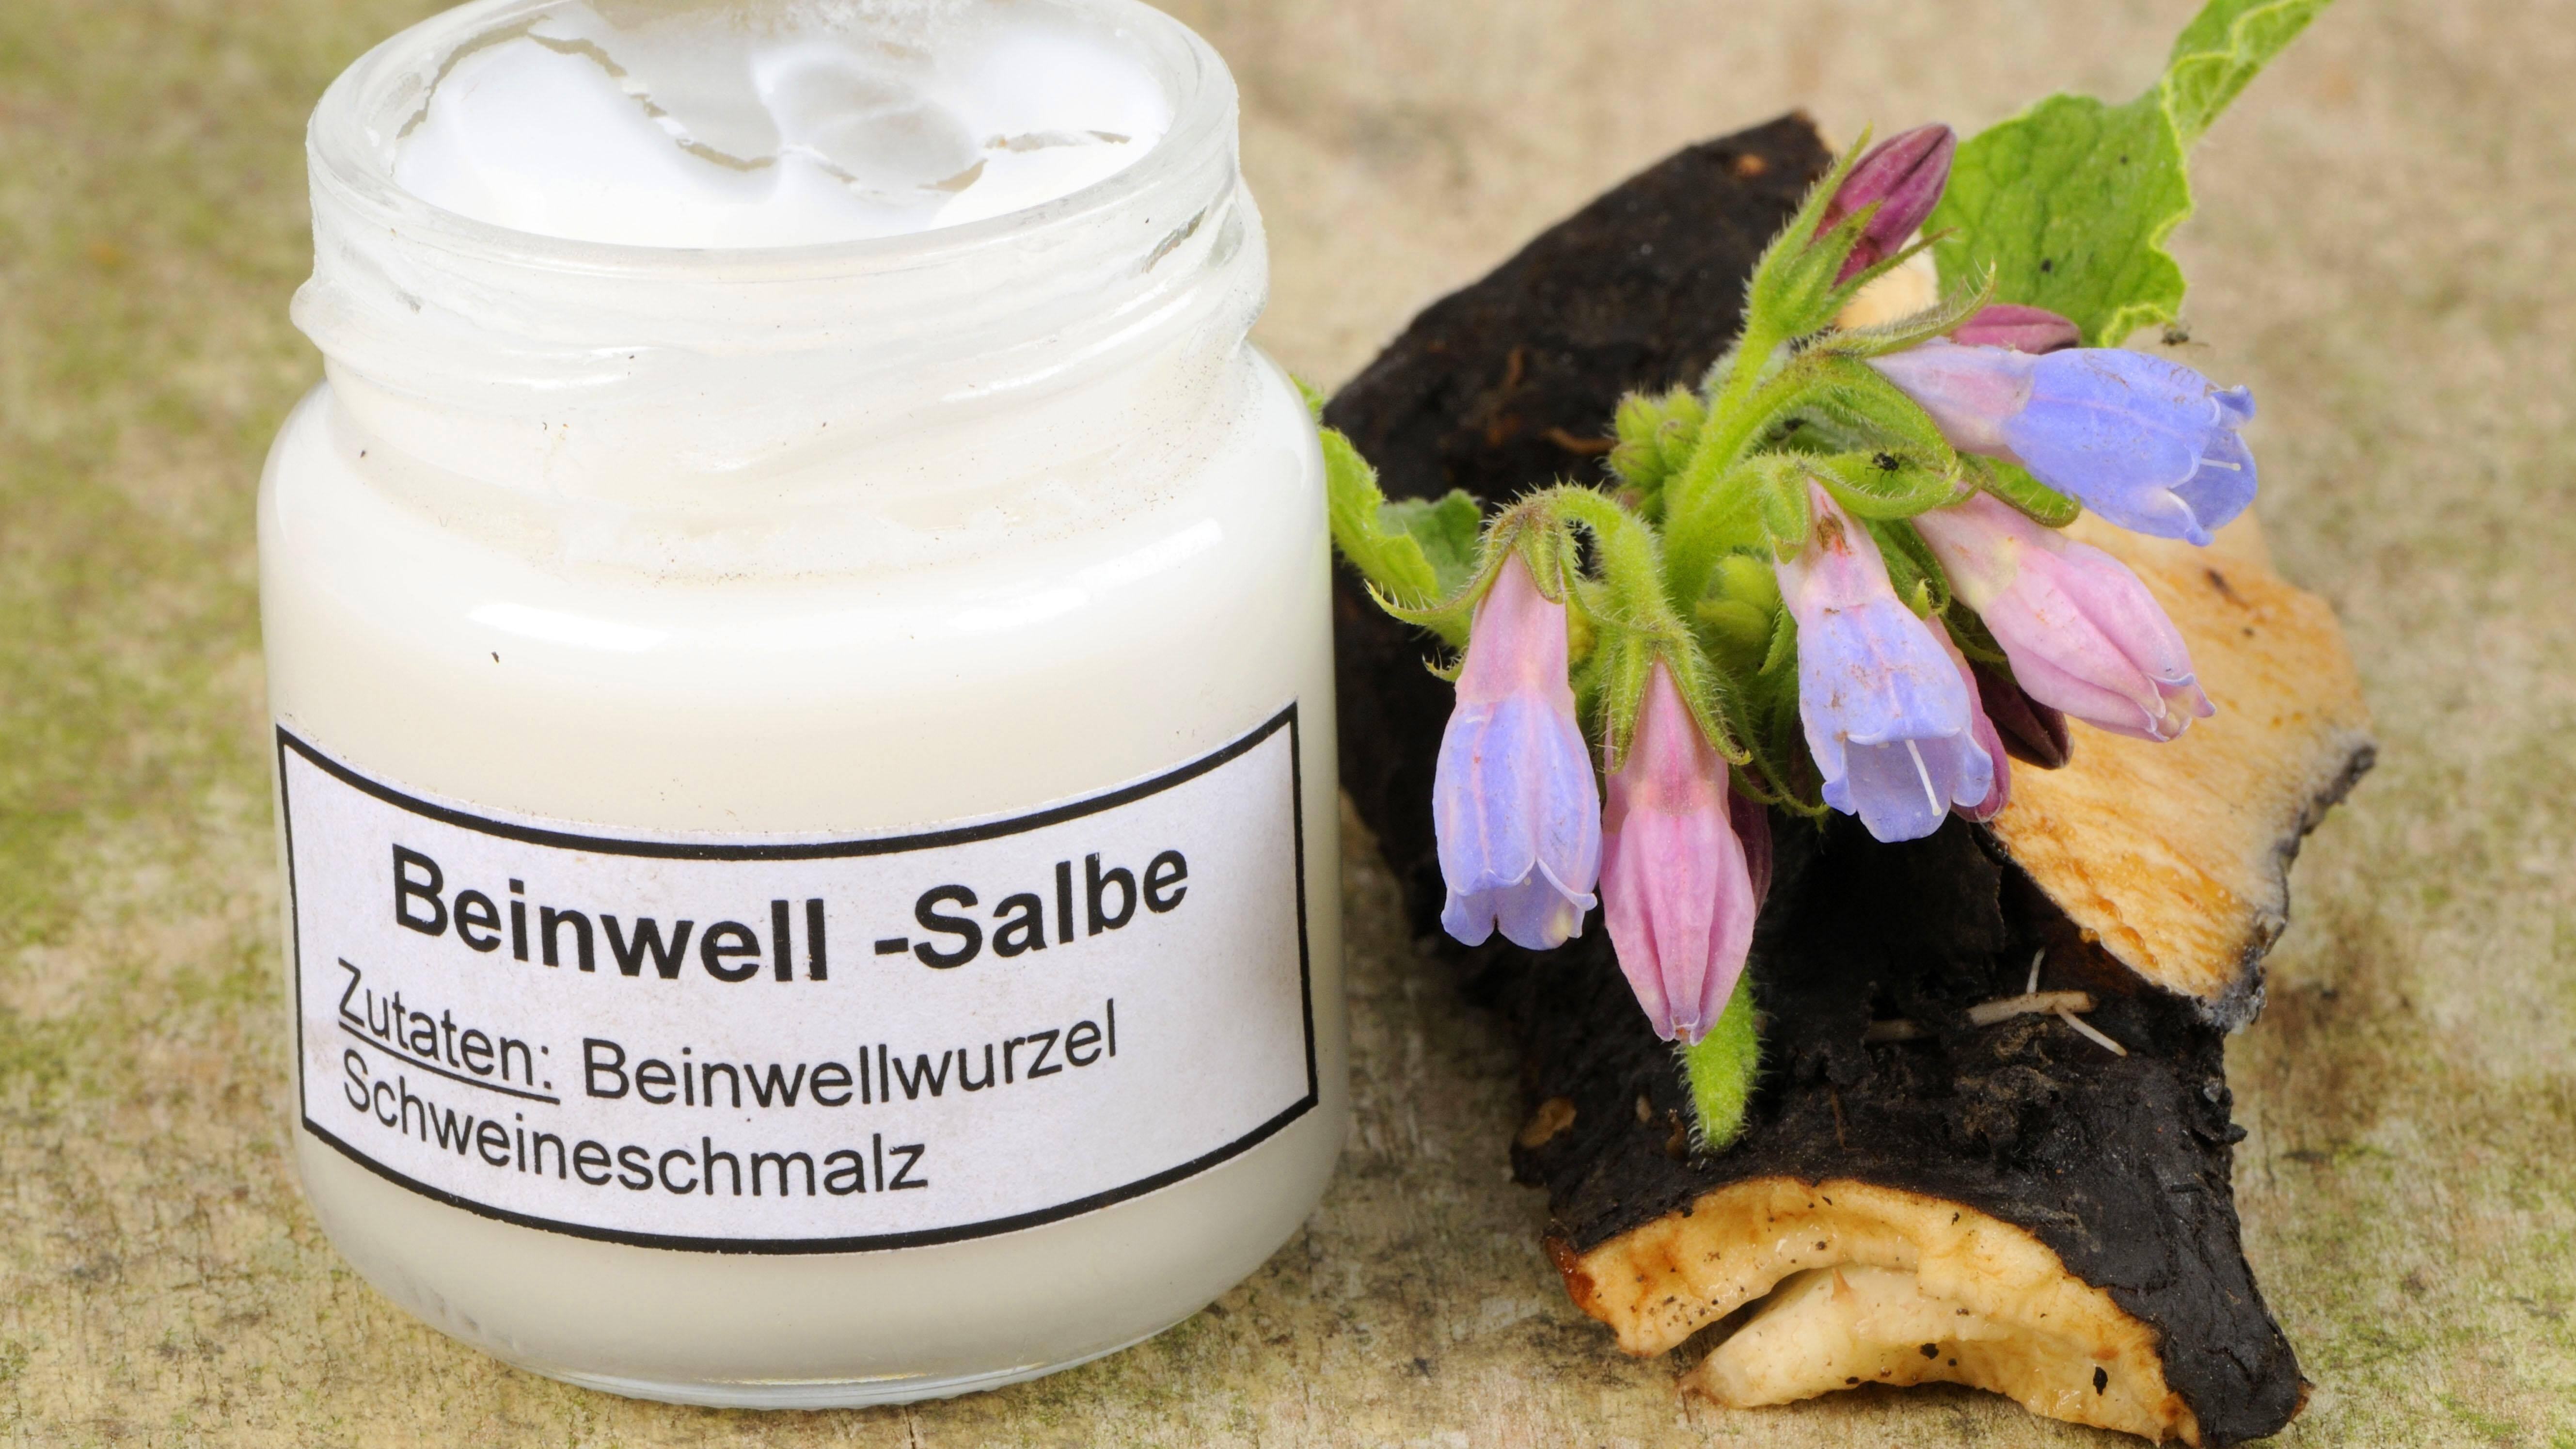 Beinwell-Salbe selber machen: Anleitung und Hinweise zur Wirkung